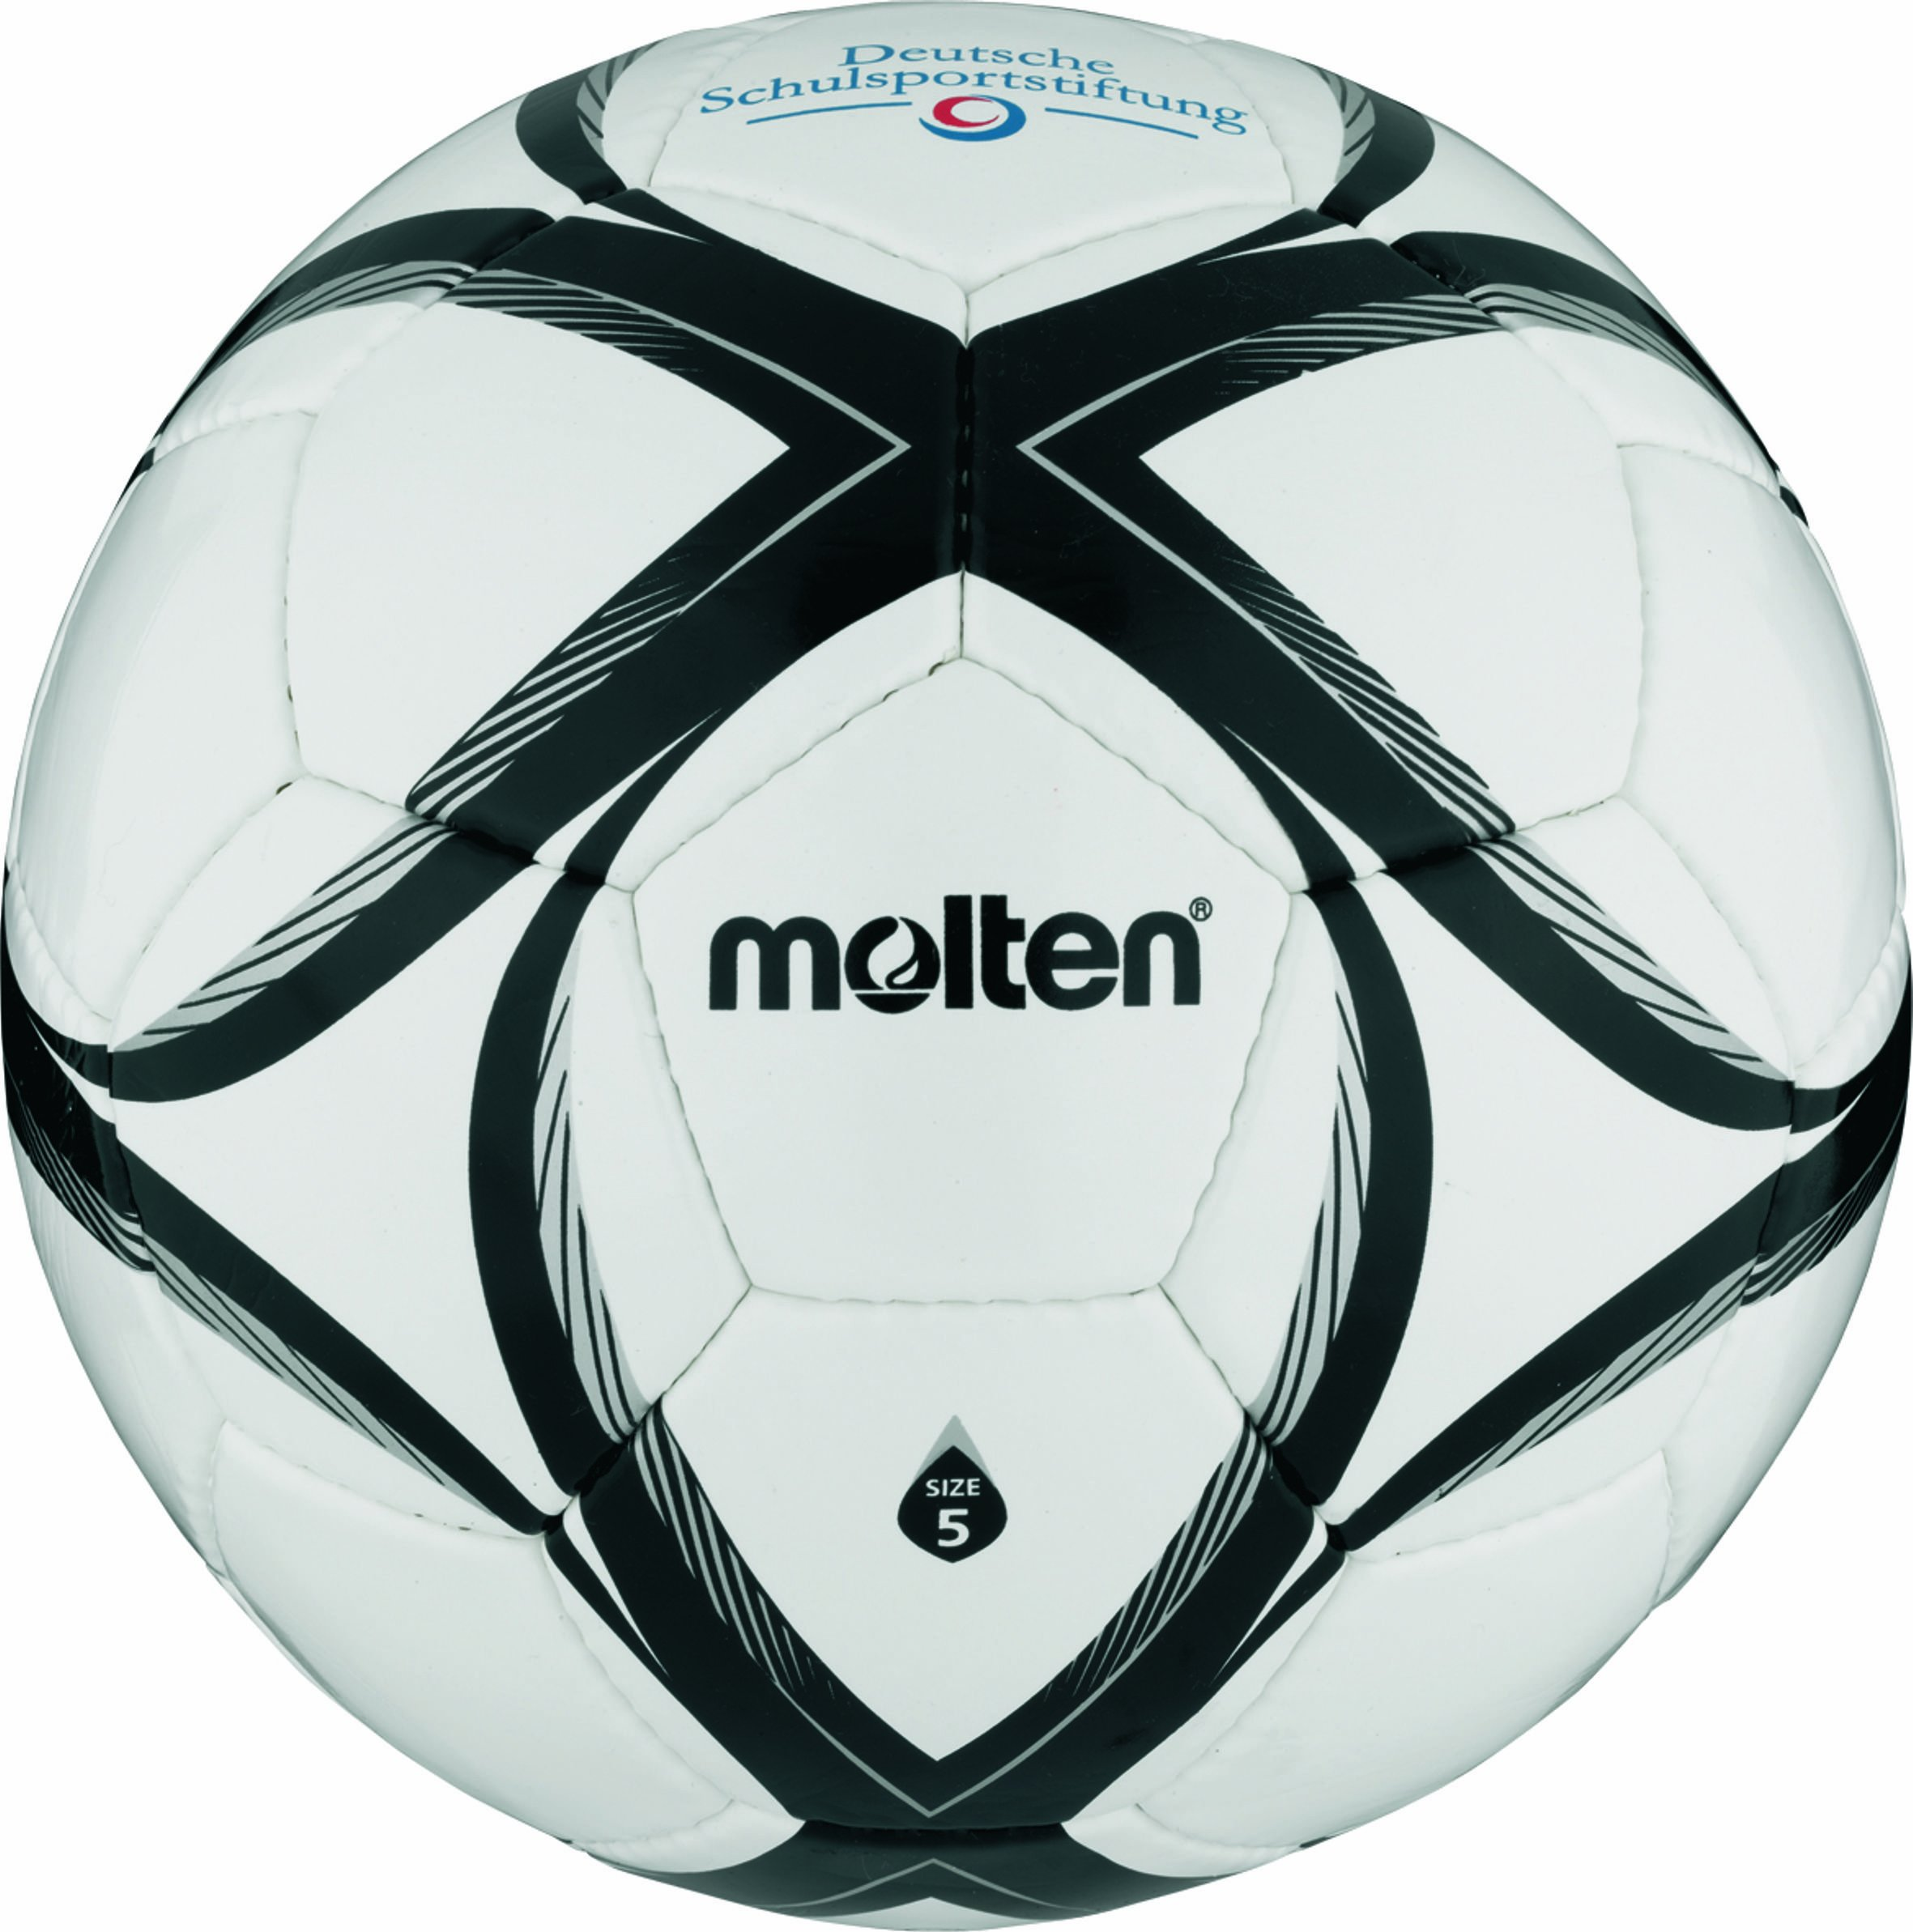 Molten - FXST4, Pallone da calcio, colore: Bianco/Nero/Argento